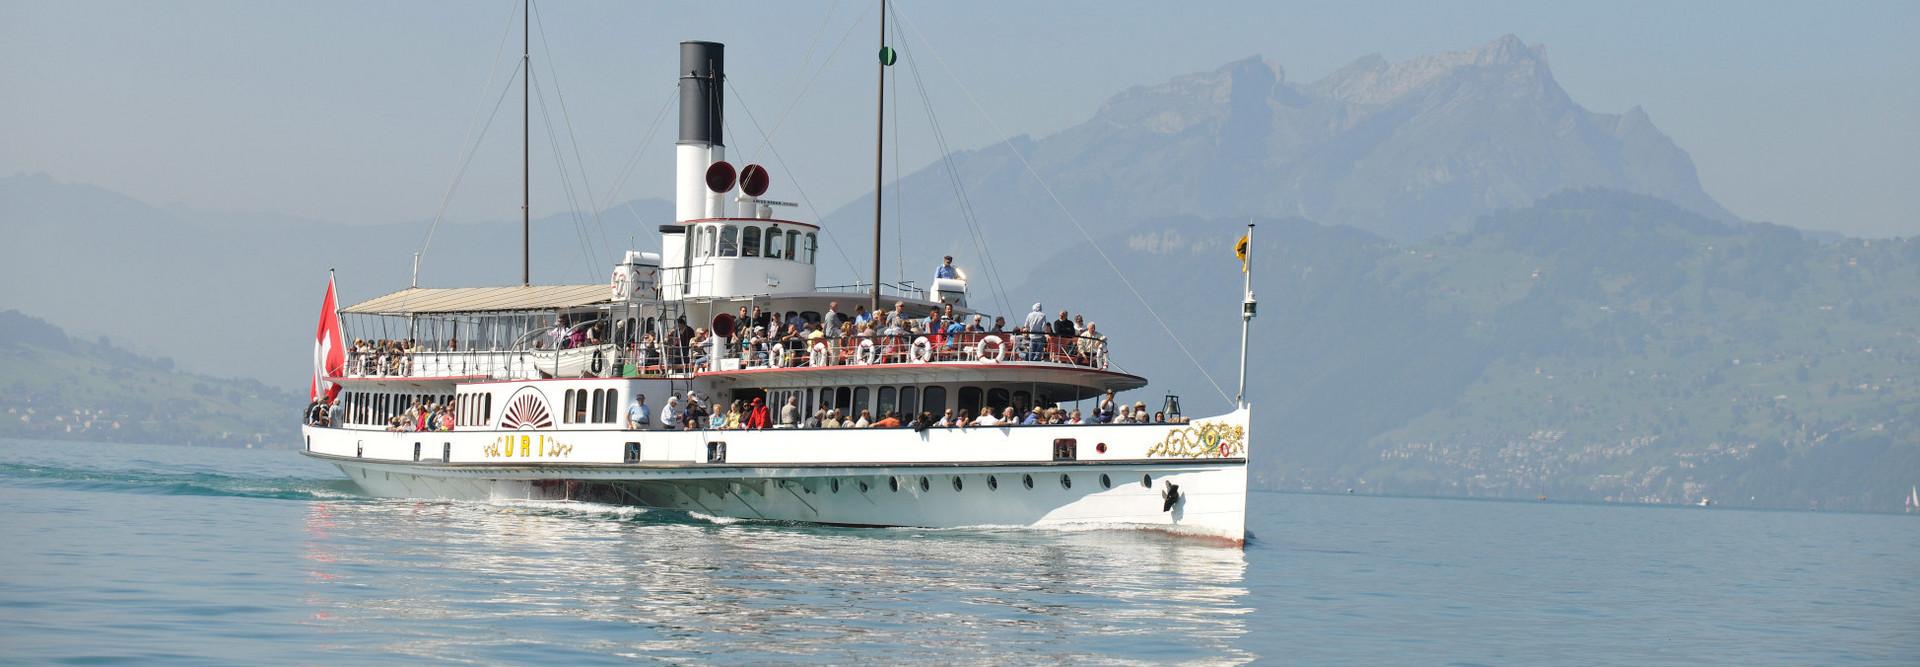 Le bateau à vapeur Uri navigue par beau temps. En arrière-plan, on peut voir le Pilatus.